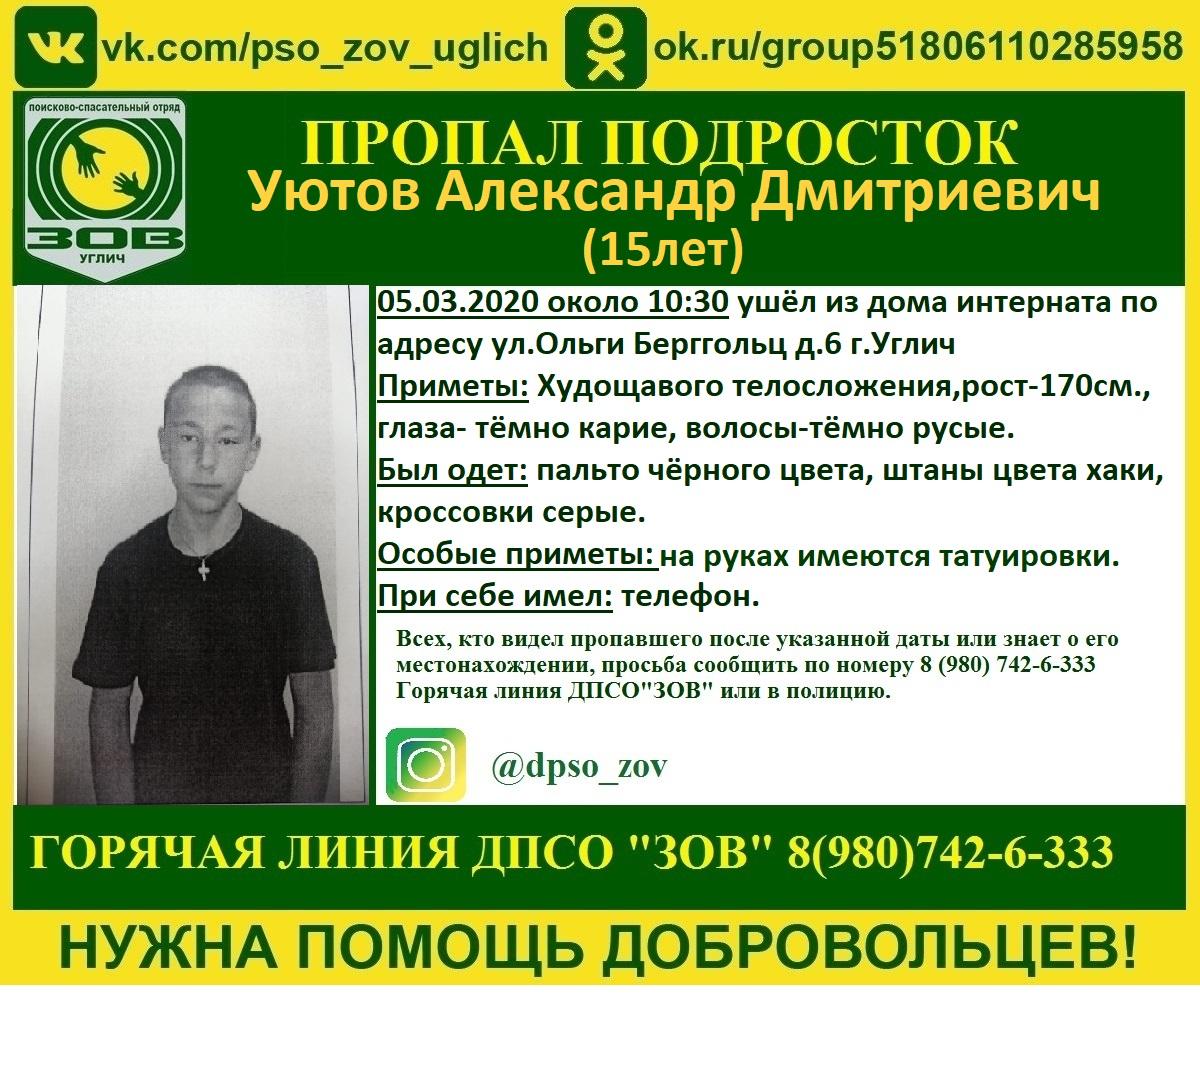 В Ярославской области пропал подросток